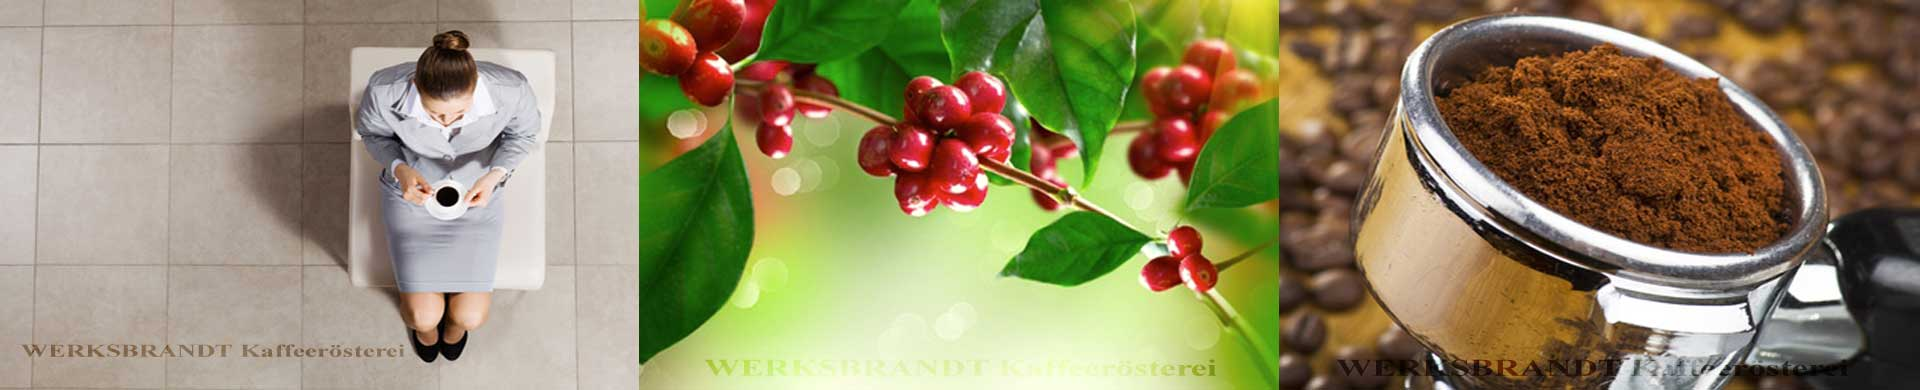 WERKSBRANDT Kaffeerösterei Impressionen Kaffee im Warteraum Kaffeekirsche Siebträger